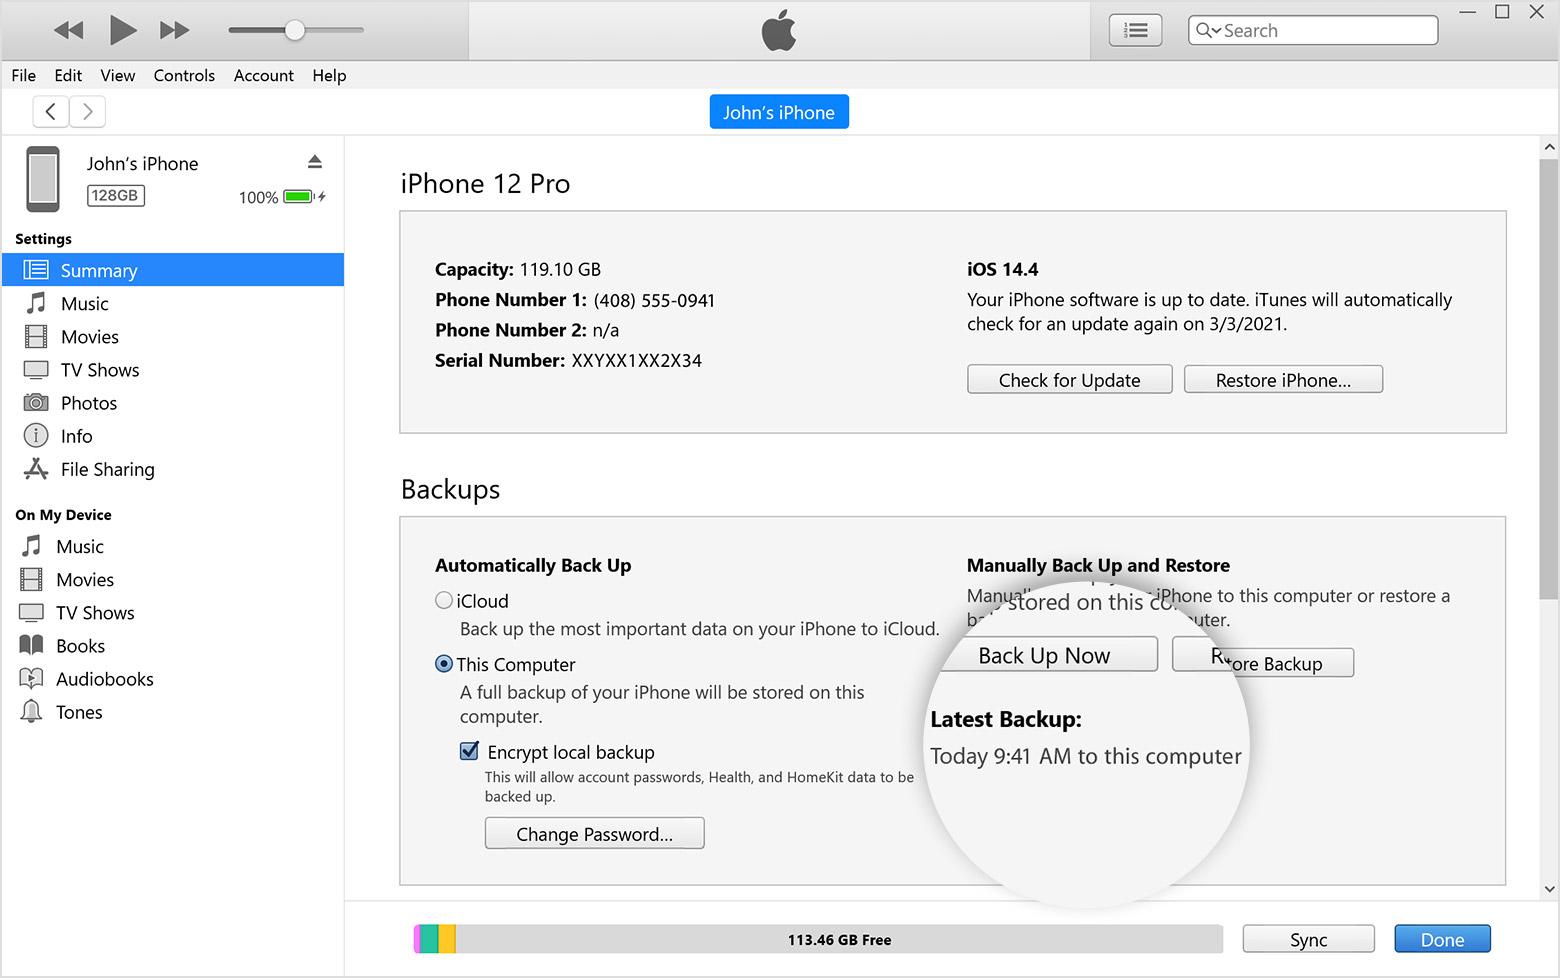 iOS 15 Public Beta 官方全攻略:安装步骤、注意事项及如何降级 iOS 14 2